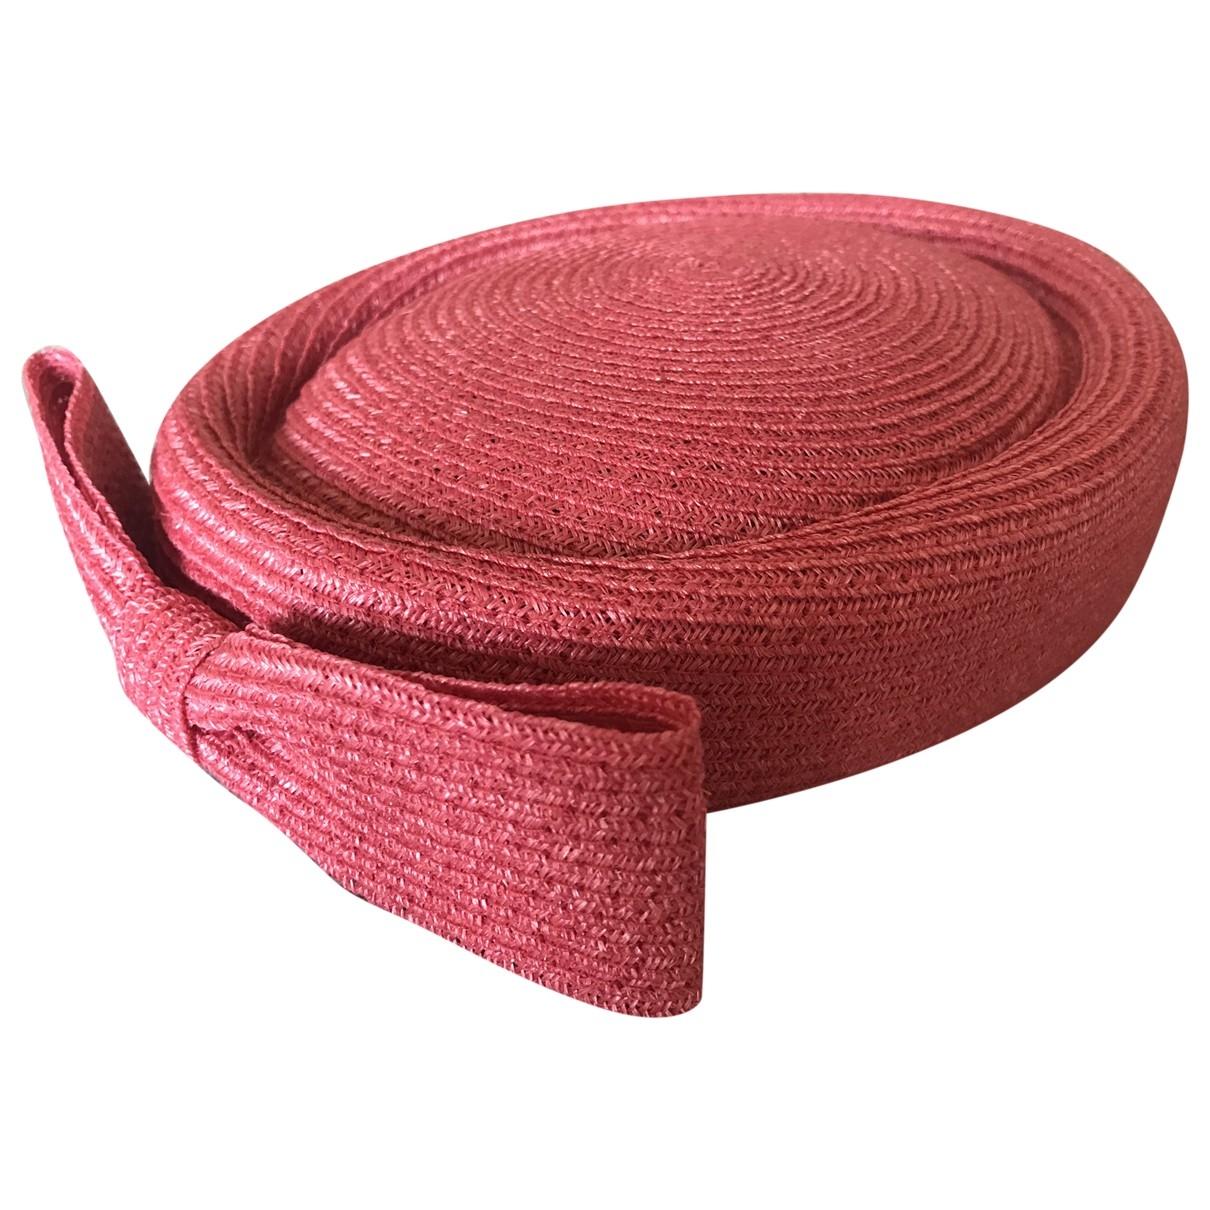 Mademoiselle Chapeaux \N Pink Wicker hat for Women S International